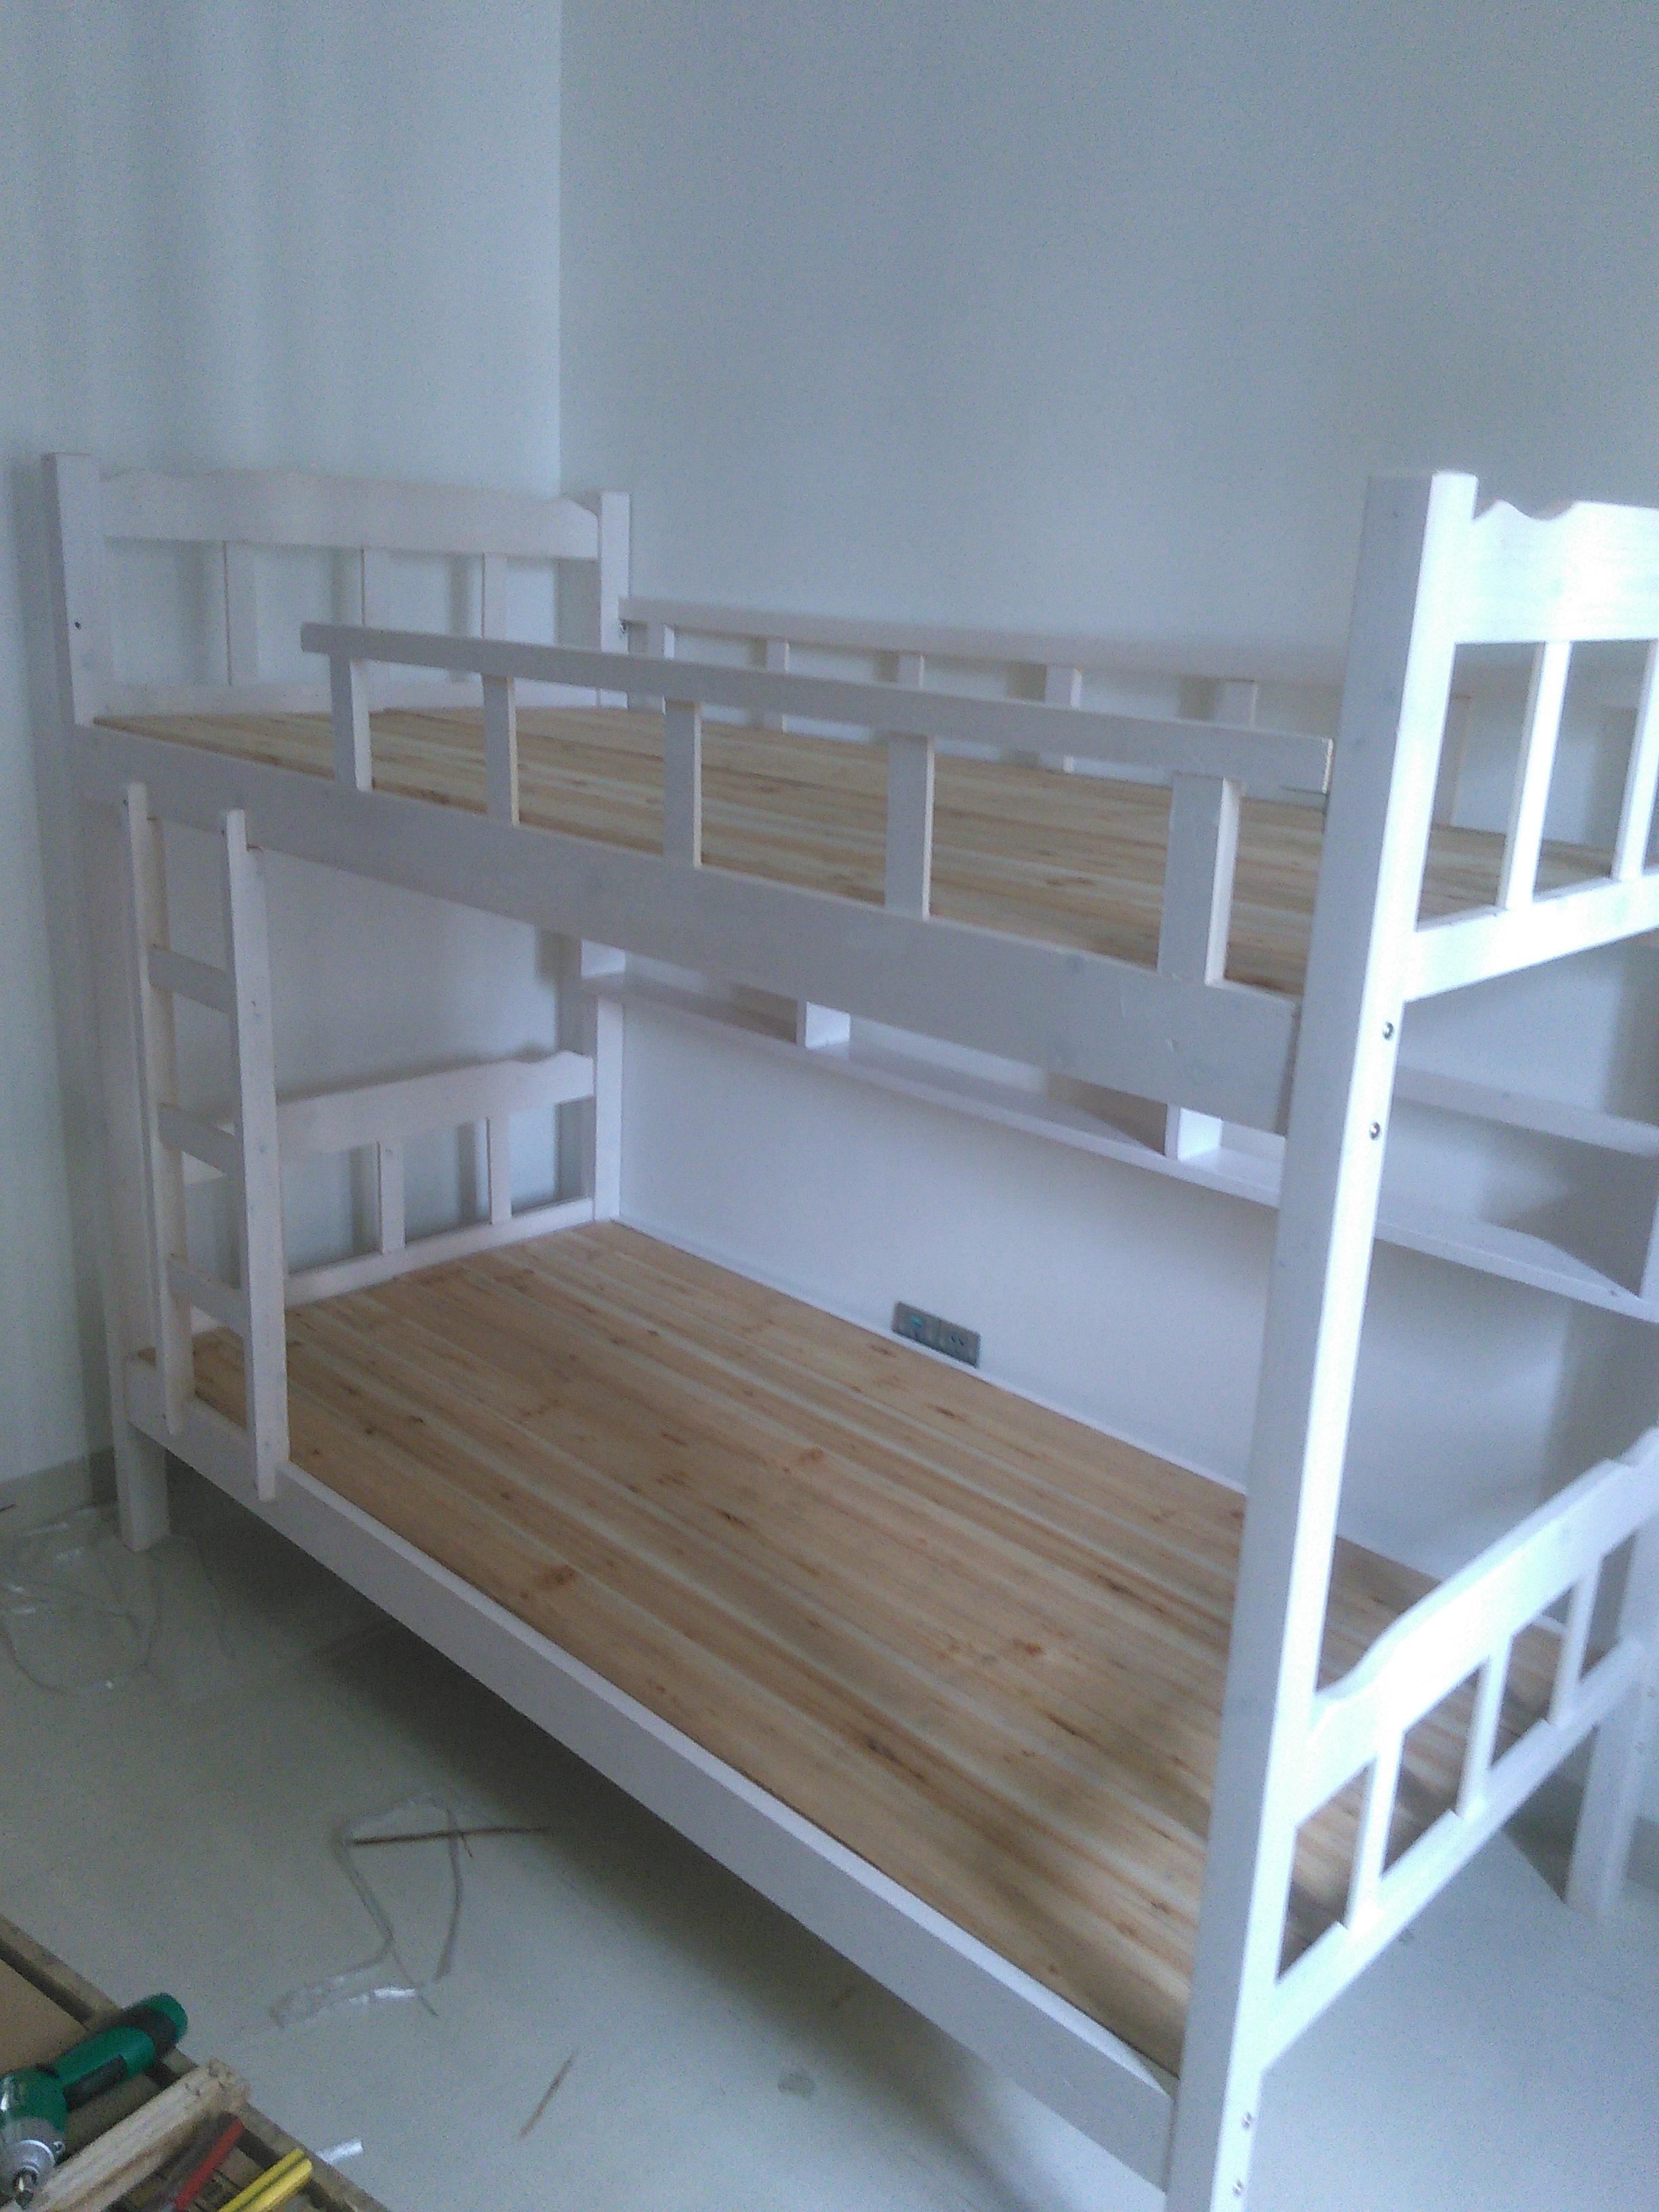 部队床 学校钢制上下床 现代 军用铁架床上下... - 中国供应商